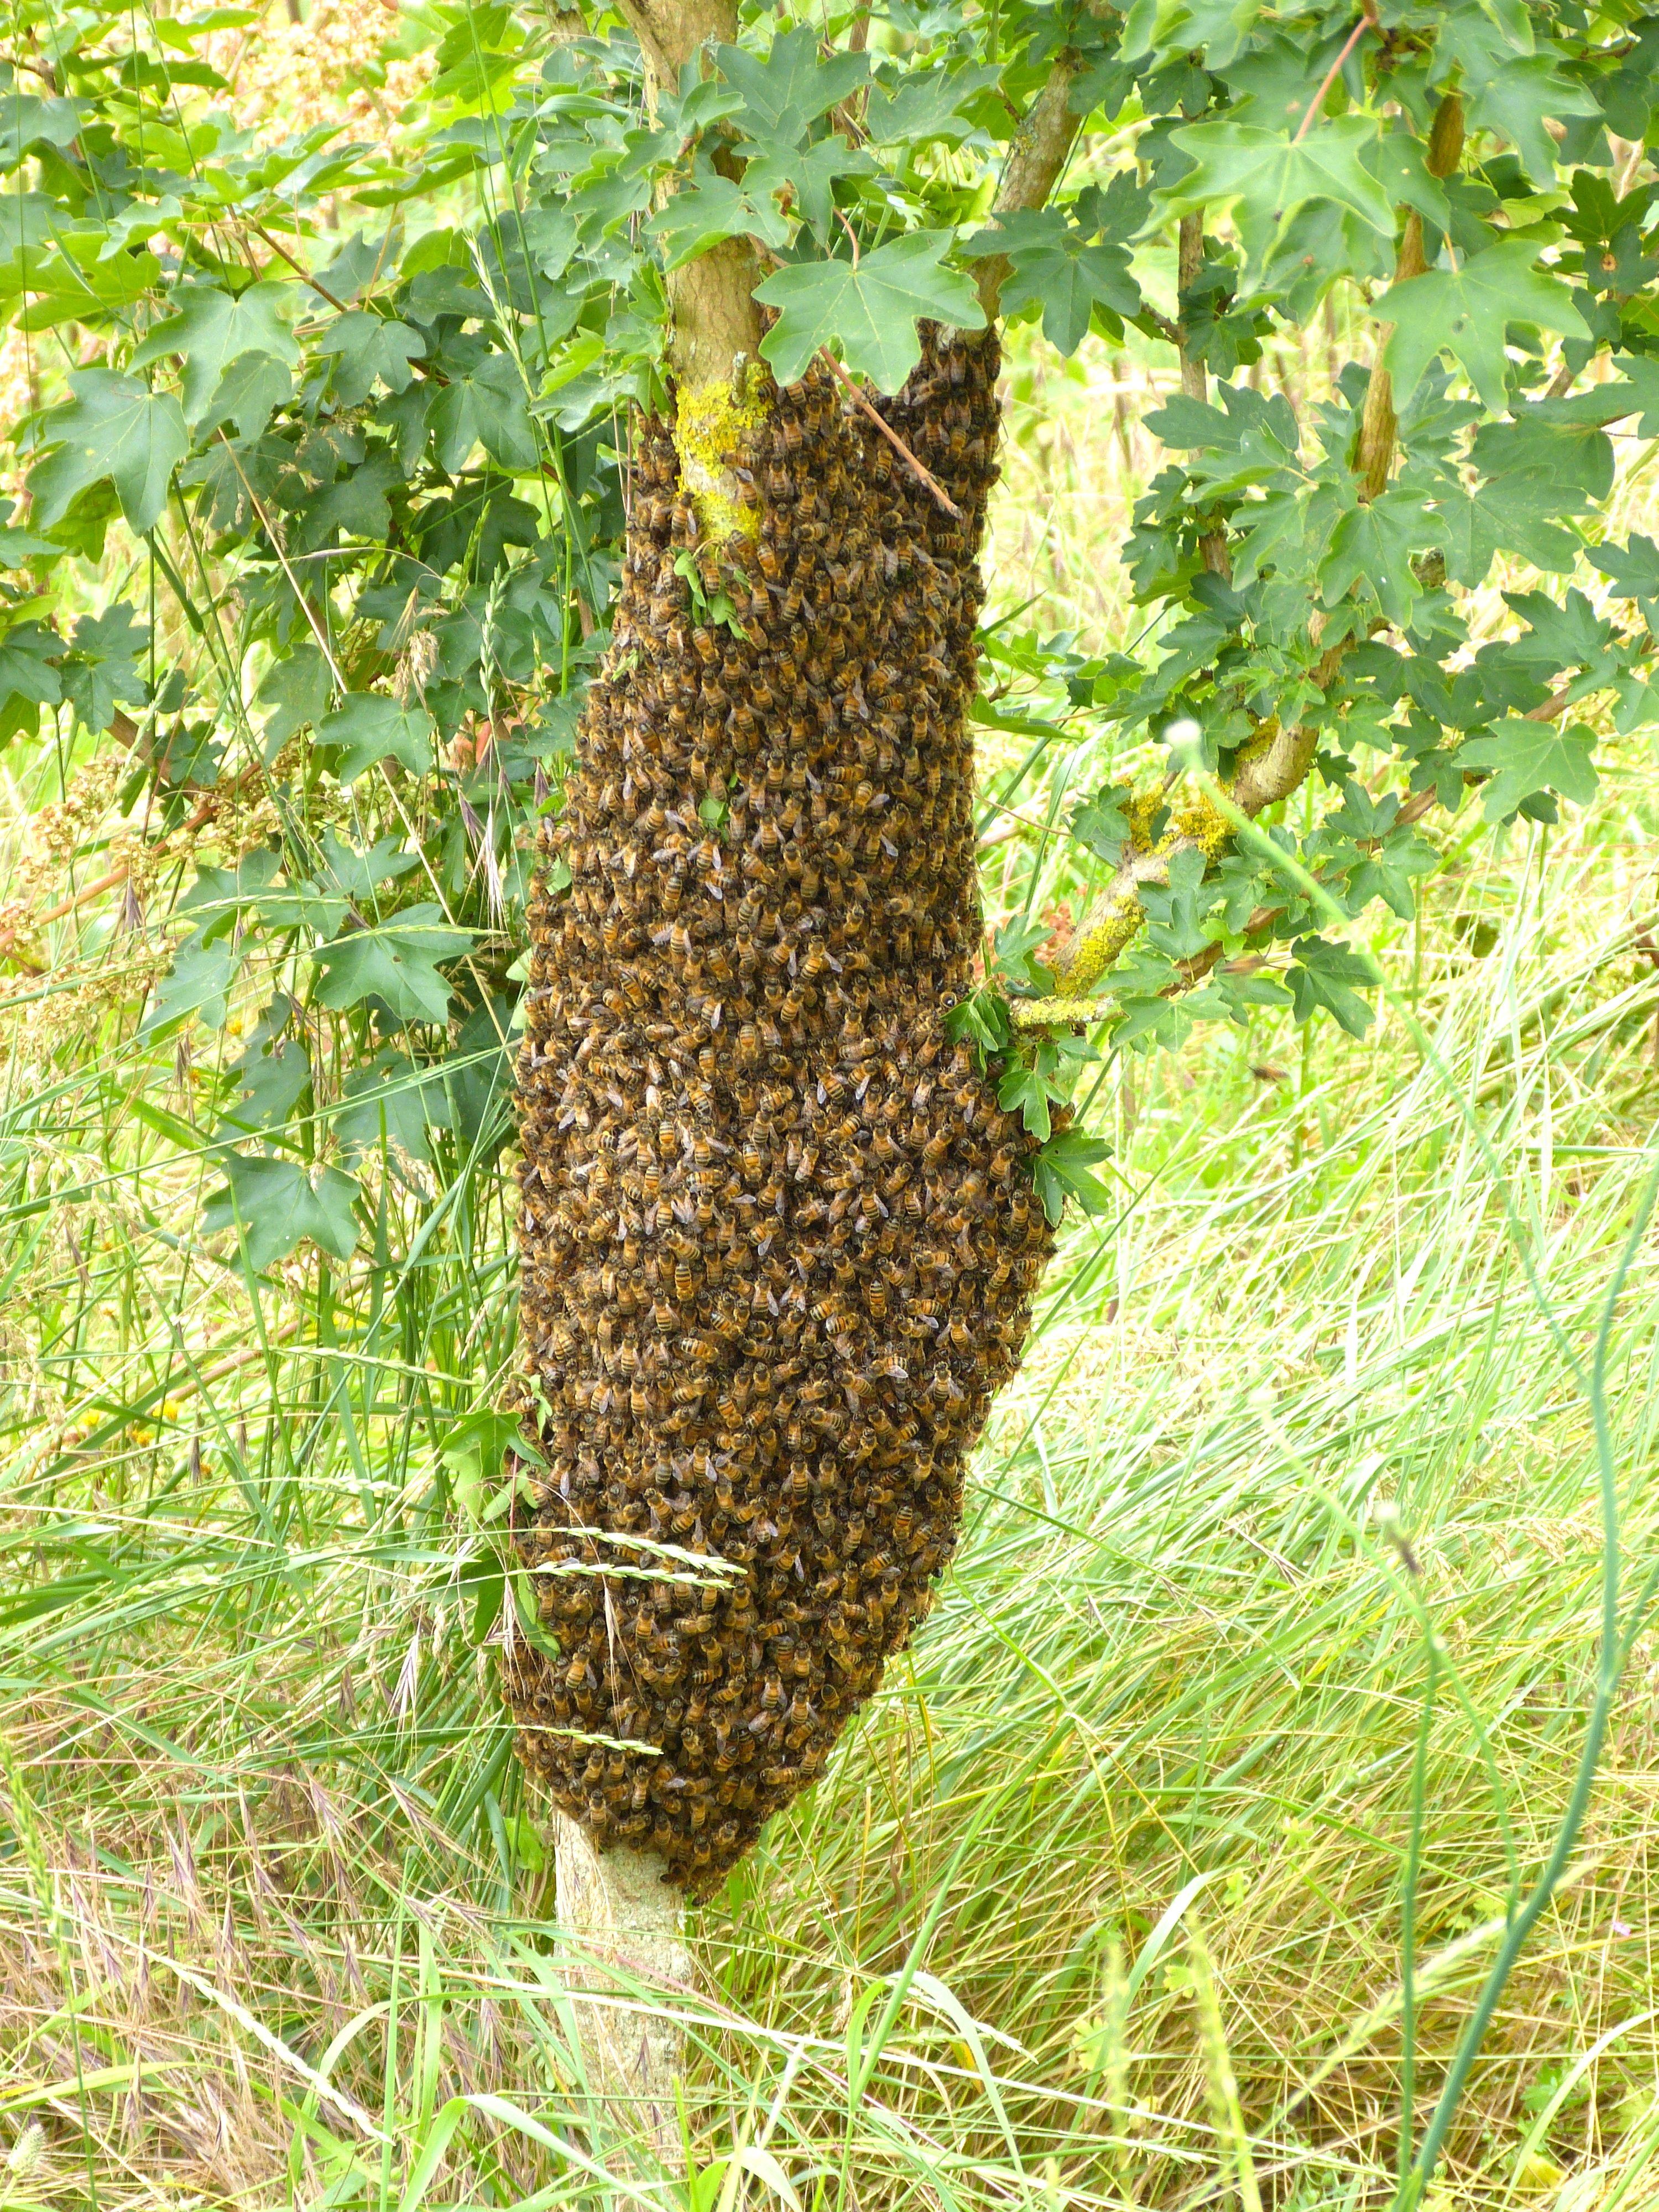 La maison des abeilles 72 ferme p dagogique pour - Comment se debarrasser des abeilles dans une cheminee ...